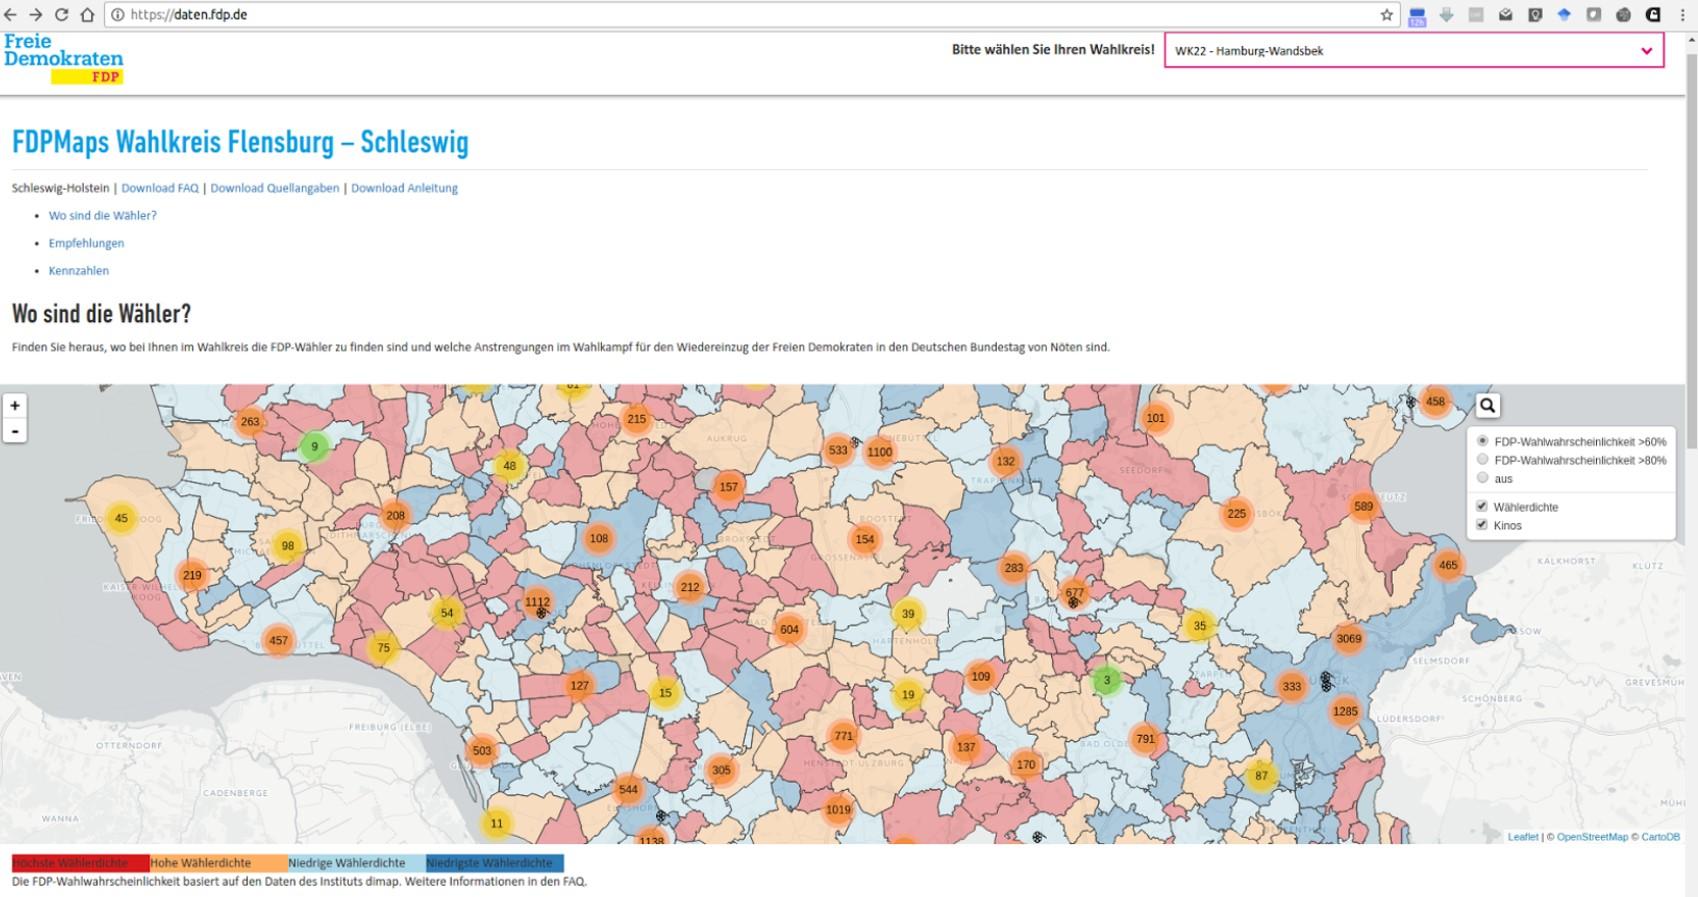 Wahlkampf Netzpolitikorg